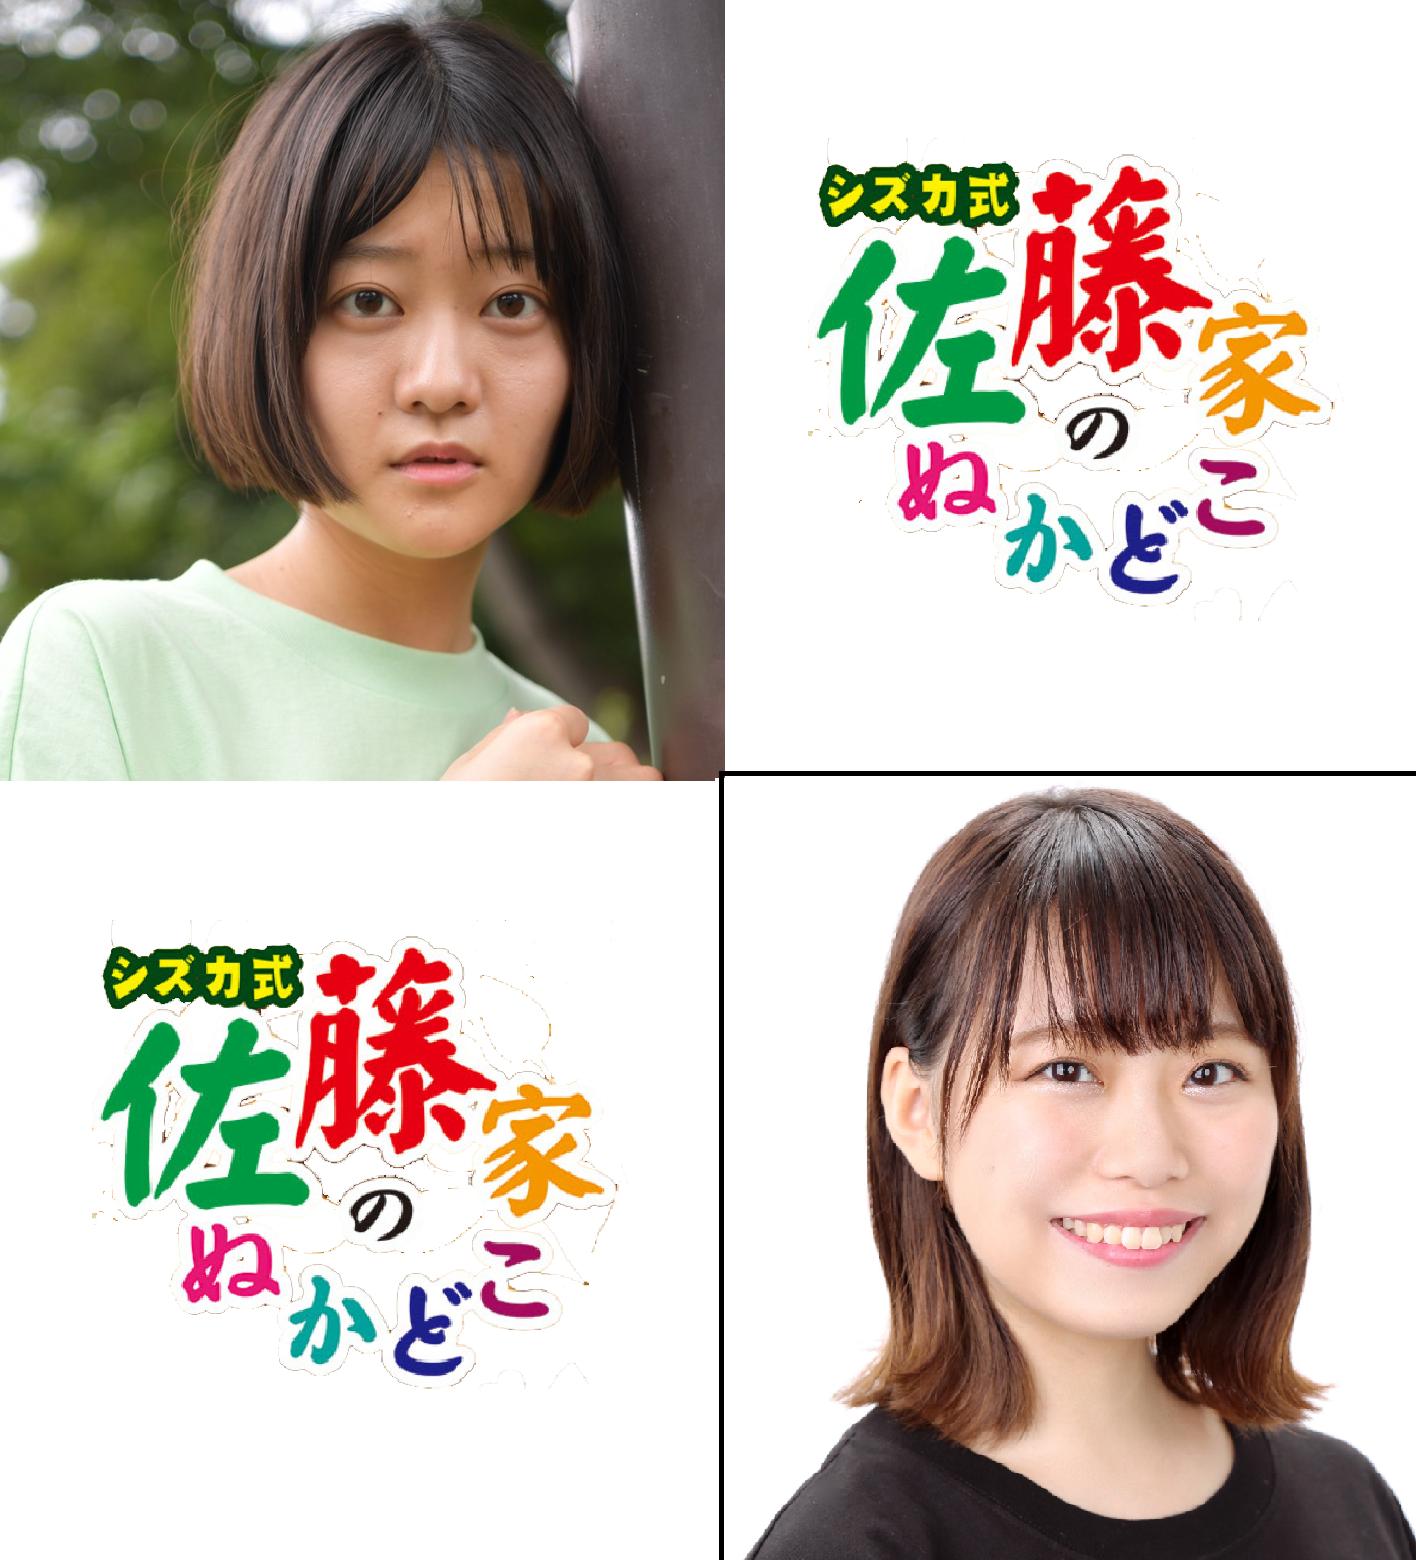 菊池姫&七瀬彩耶 舞台出演情報!のイメージ